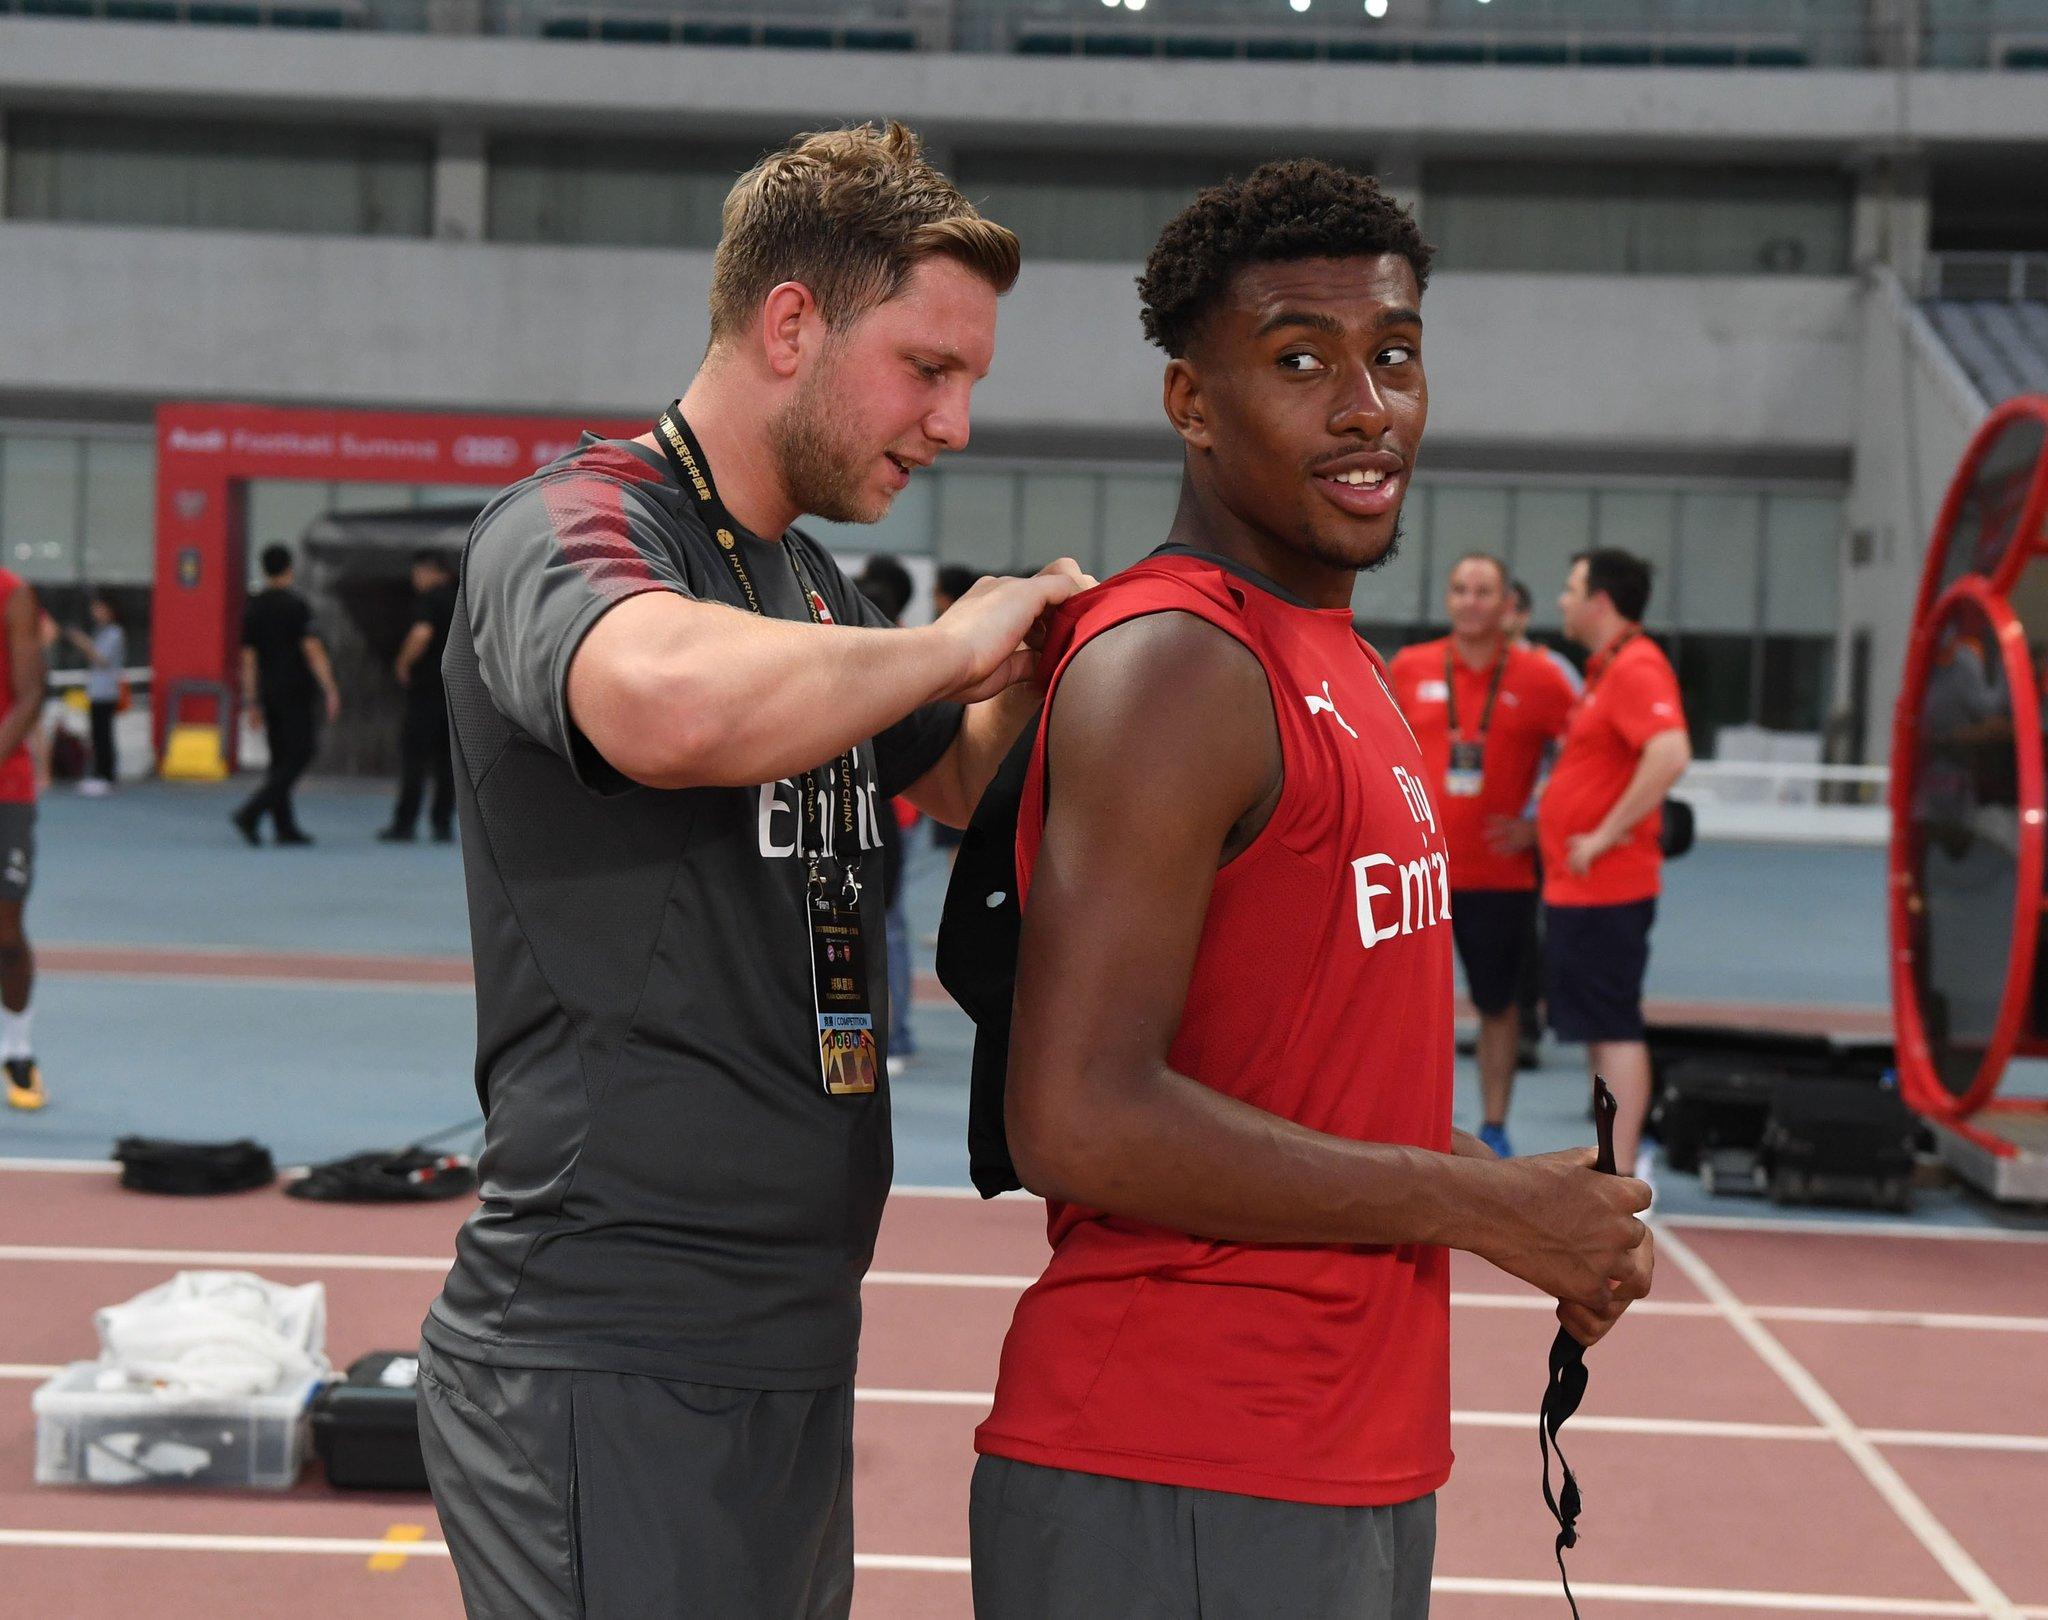 'Dexterous' Iwobi Tipped To Shine For Arsenal Next Season